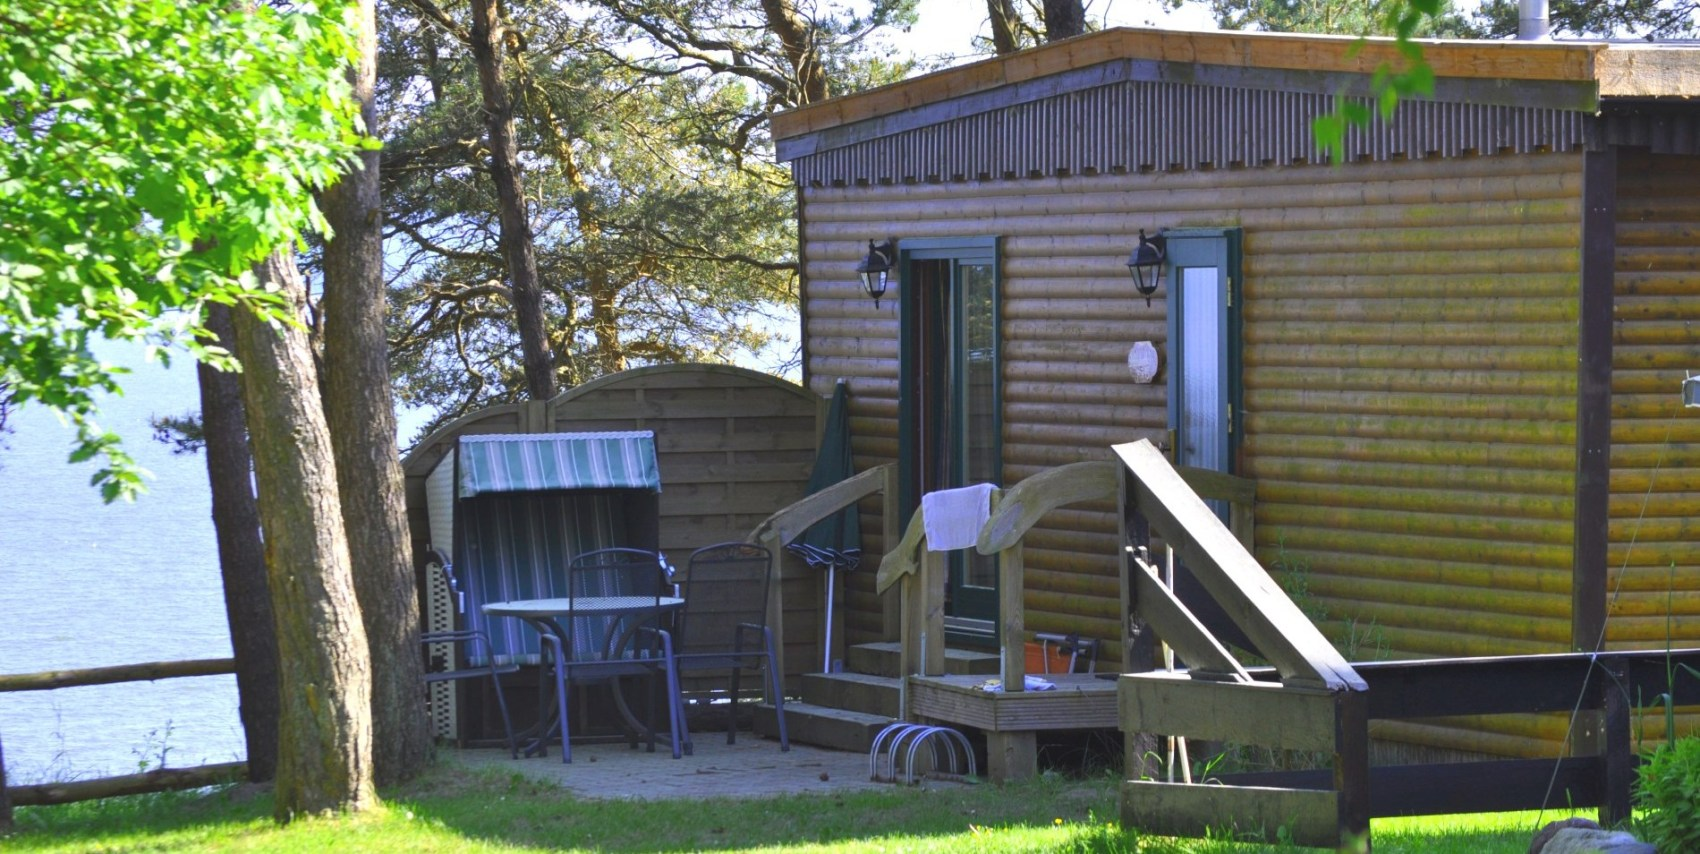 Preisliste mietobjekte mobilheime wohnwagen wohnmobil for Mobiles ferienhaus